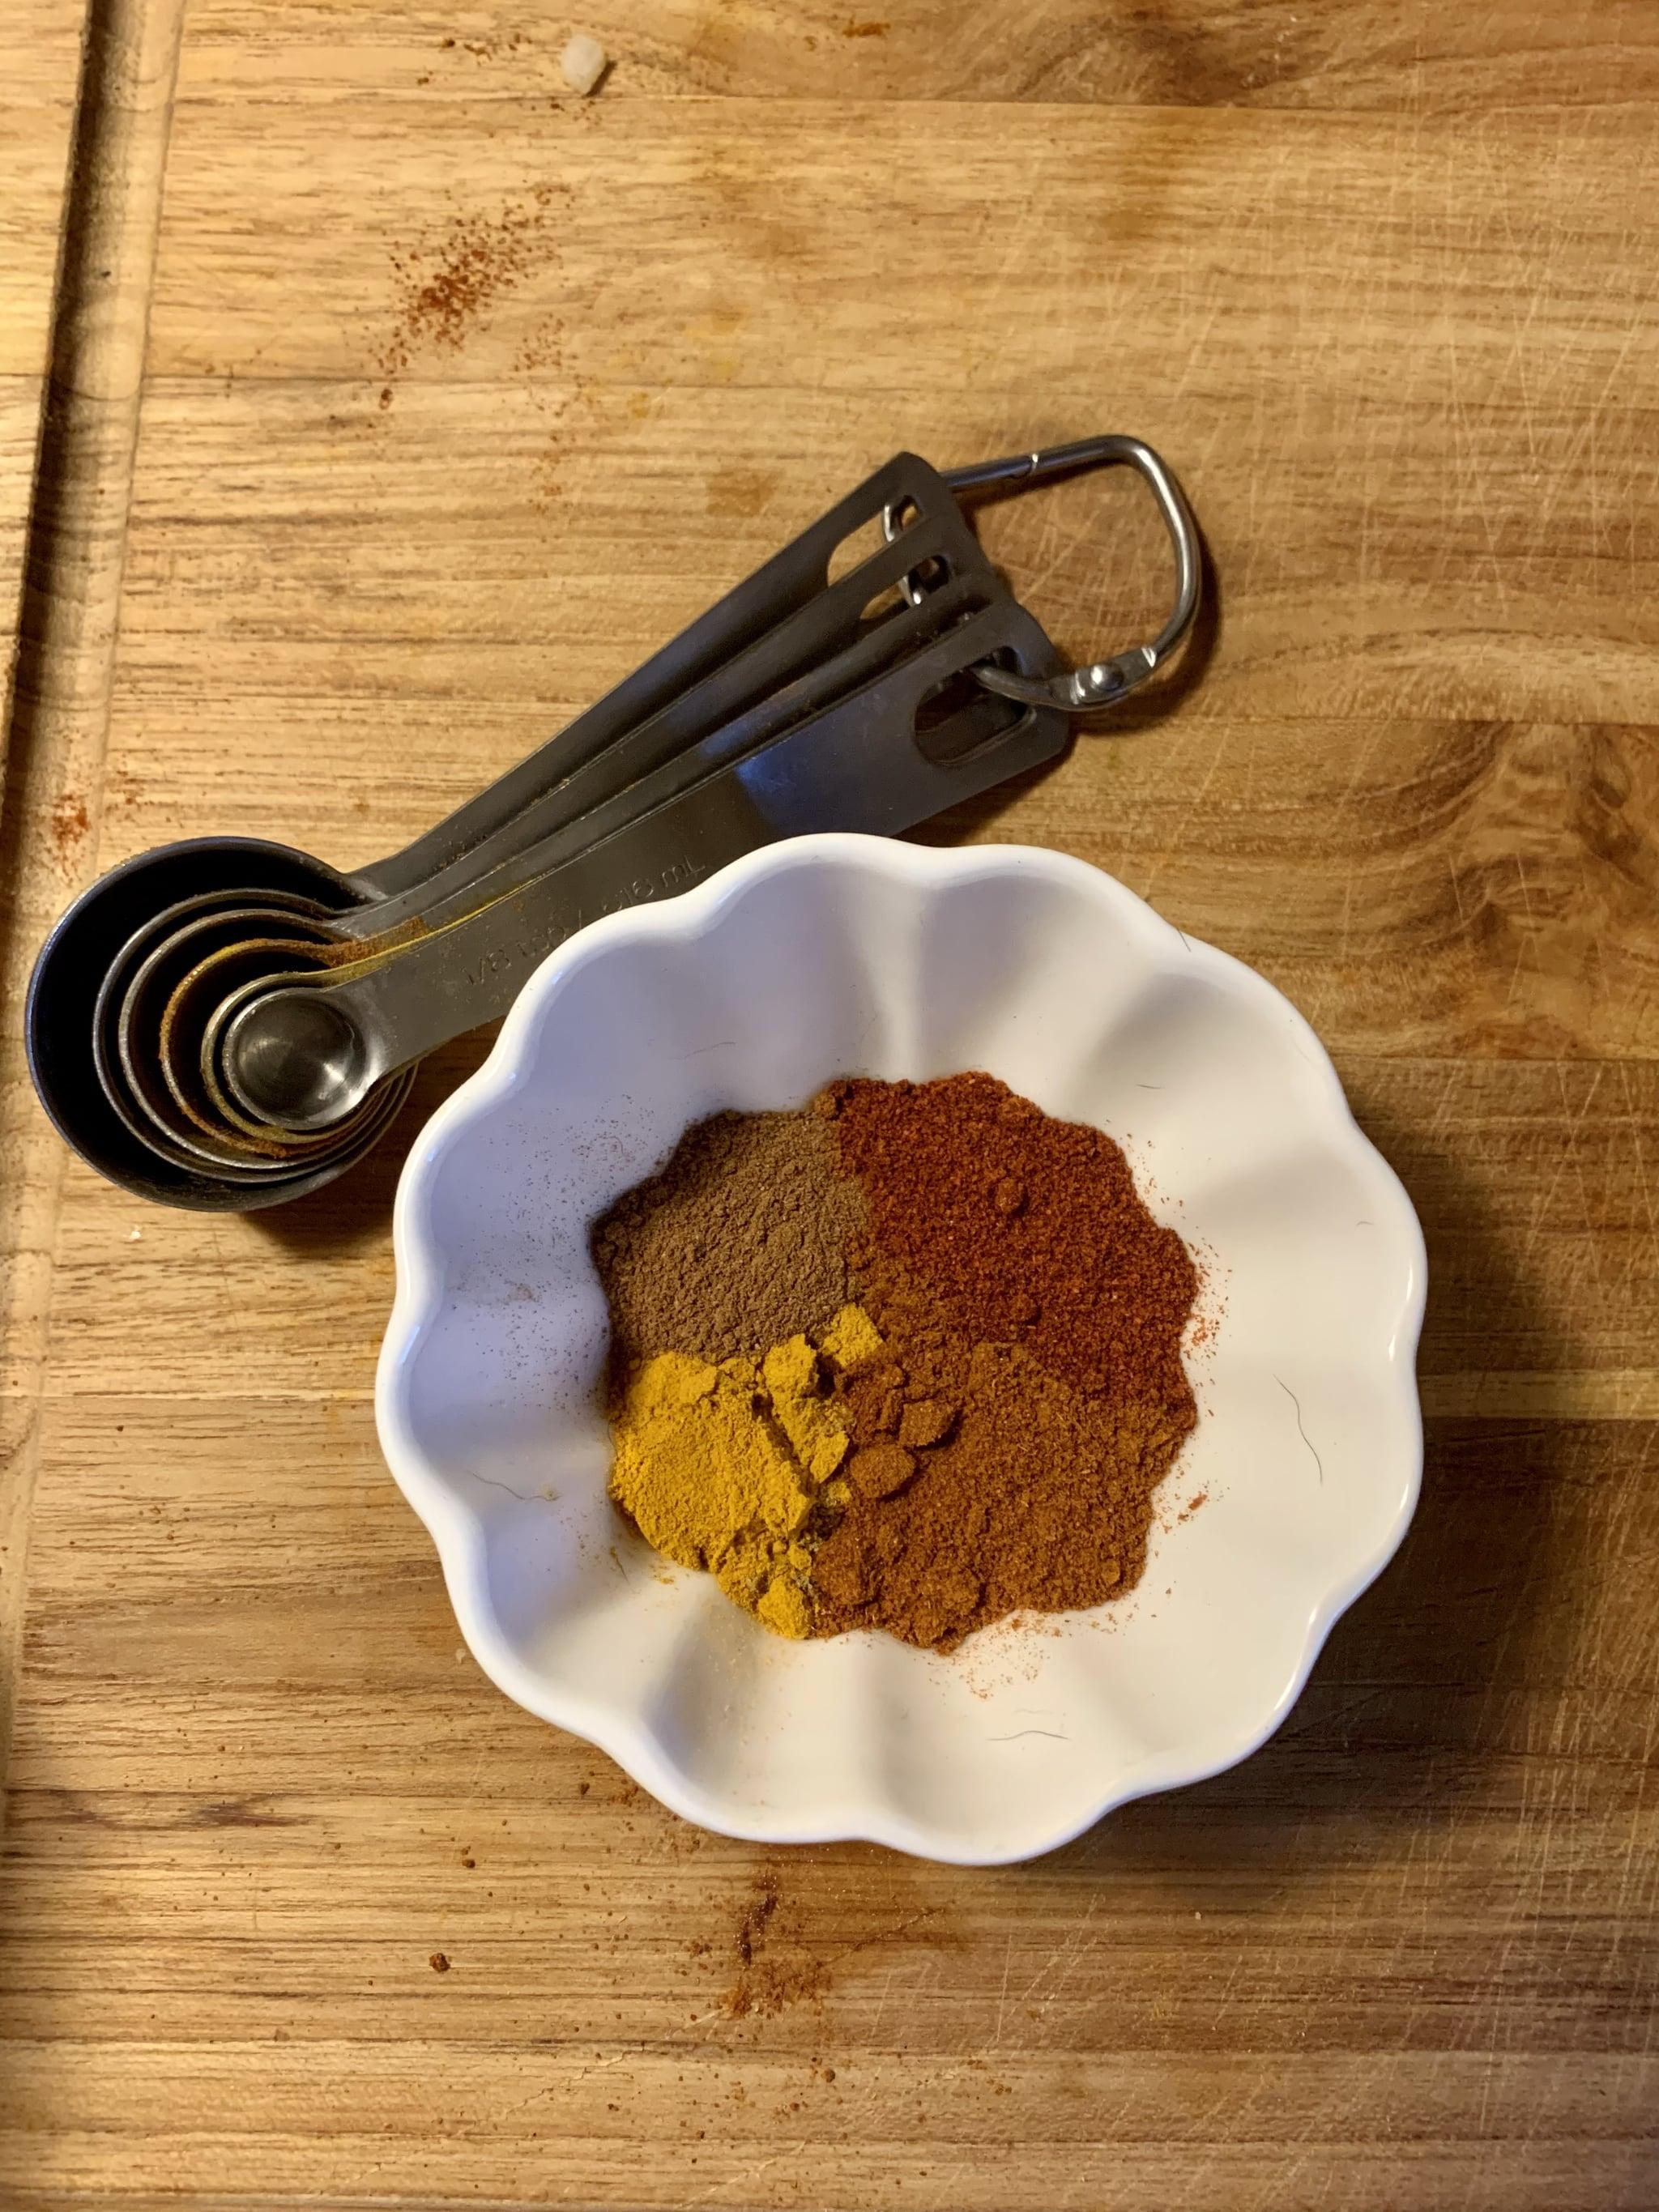 tmp_j3xapw_1883ddb4dcd3313b_spices.jpeg